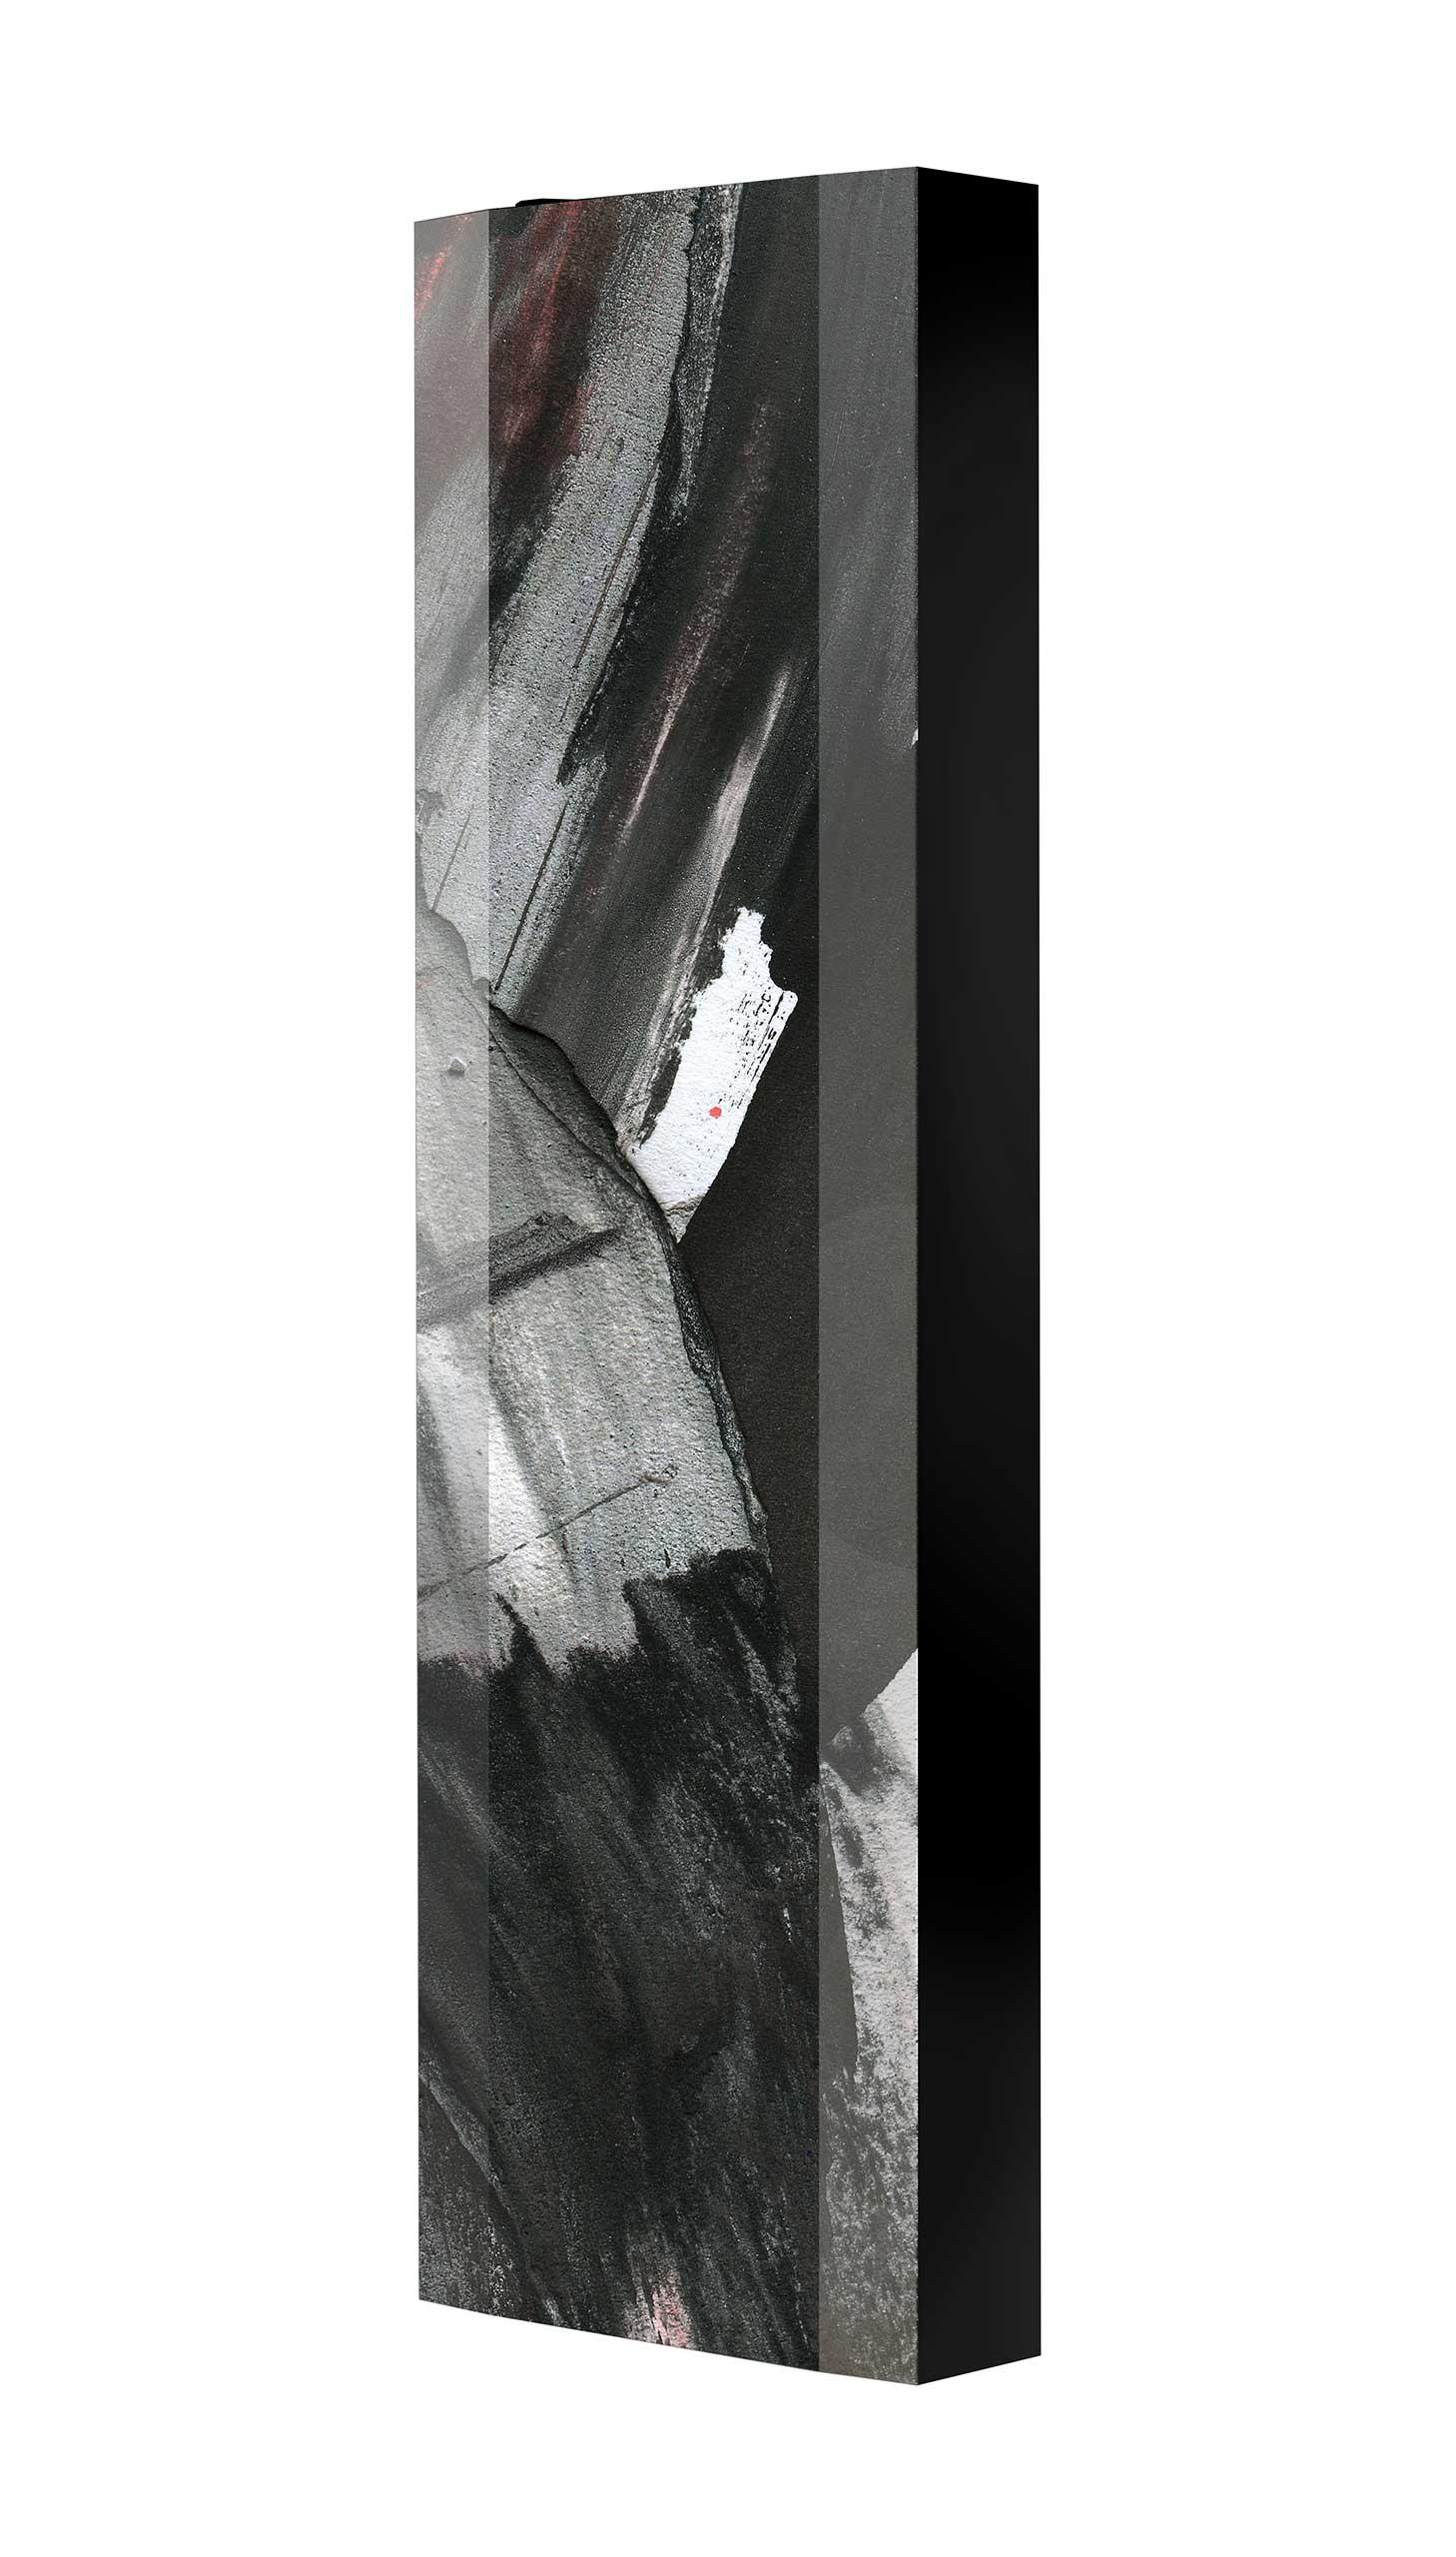 Schuhschrank FLASH 450 BLACK-EDITION Motivschrank schwarz drehbar M106 Abstrakt Kunst